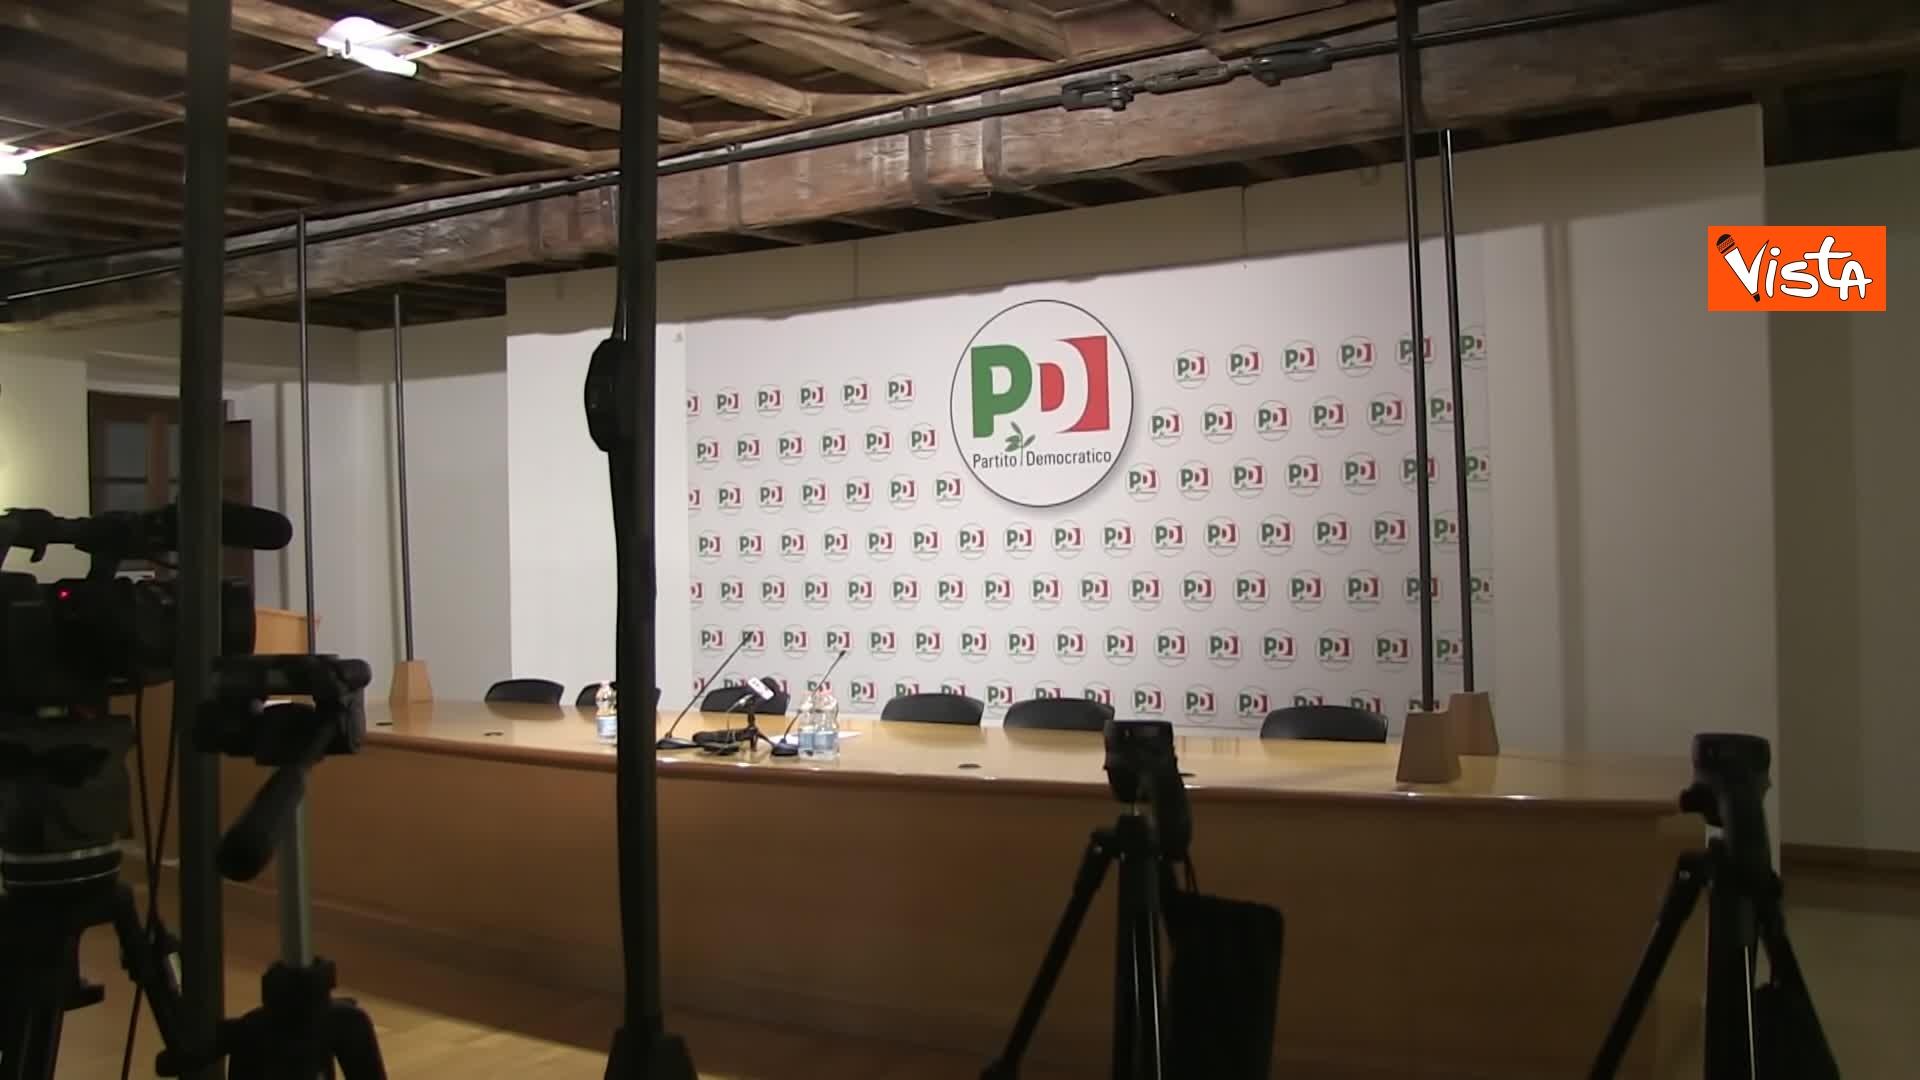 La notte elettorale nella sede PD _02